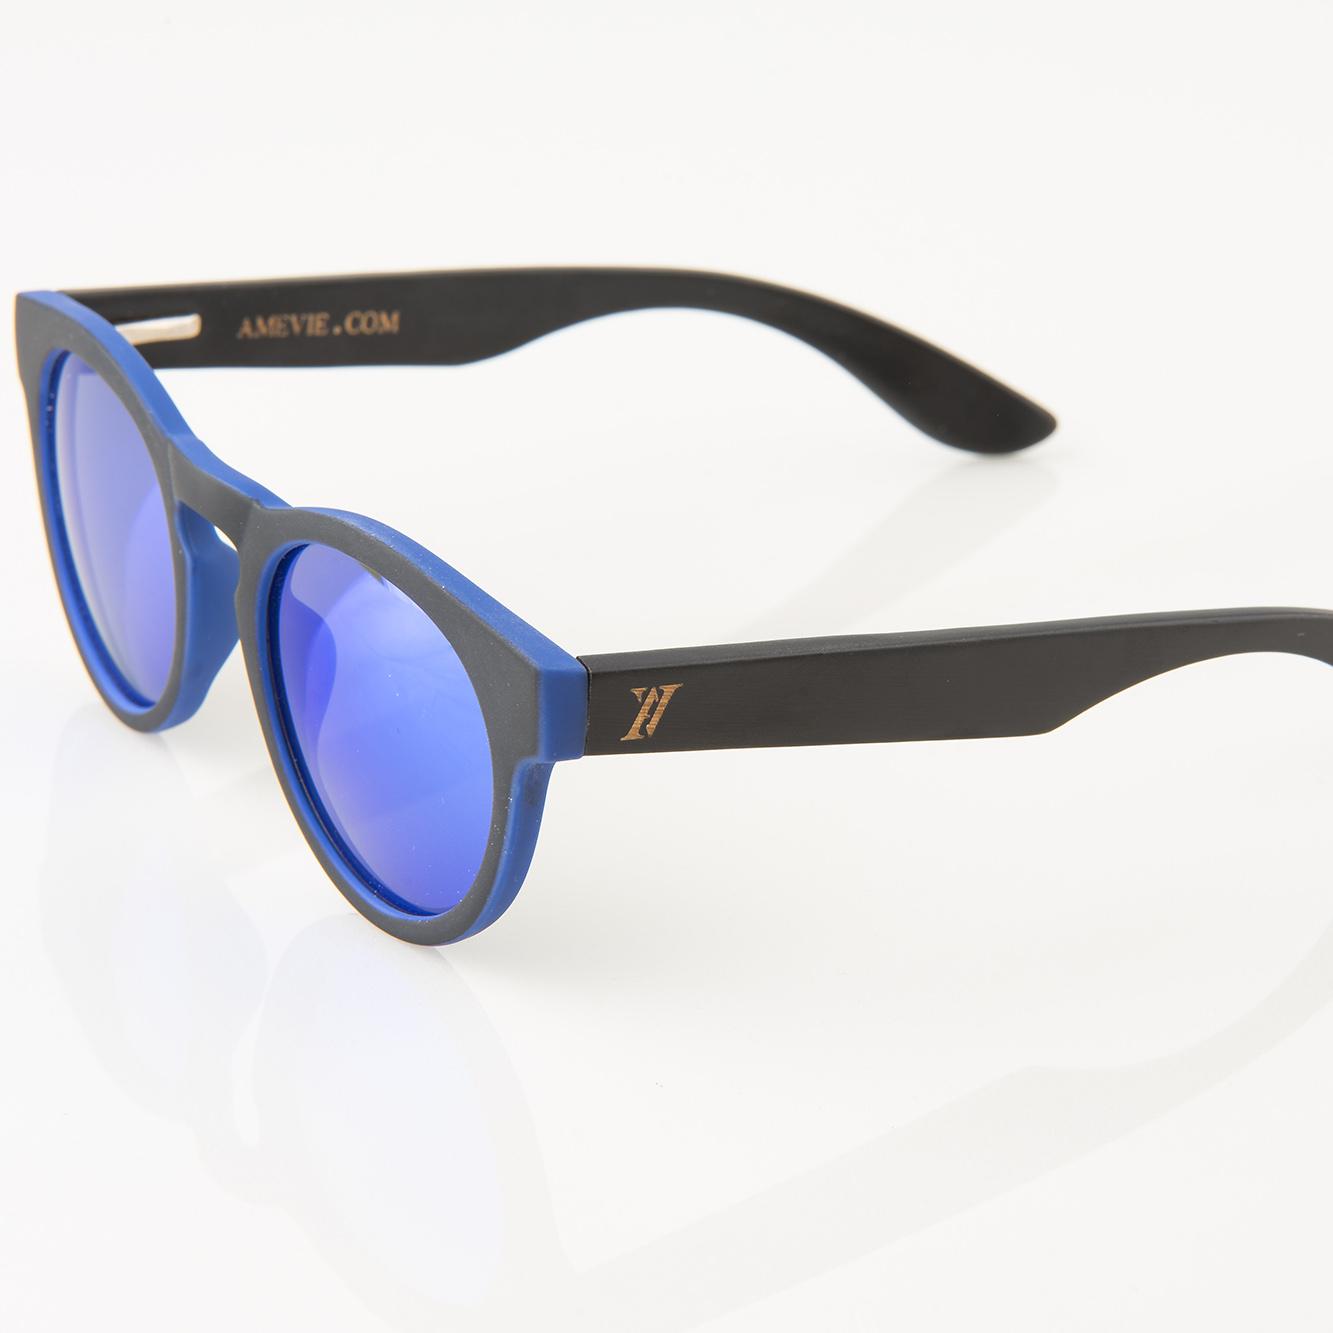 55e1b9159b Unisex Bamboo Sunglasses - Curacao